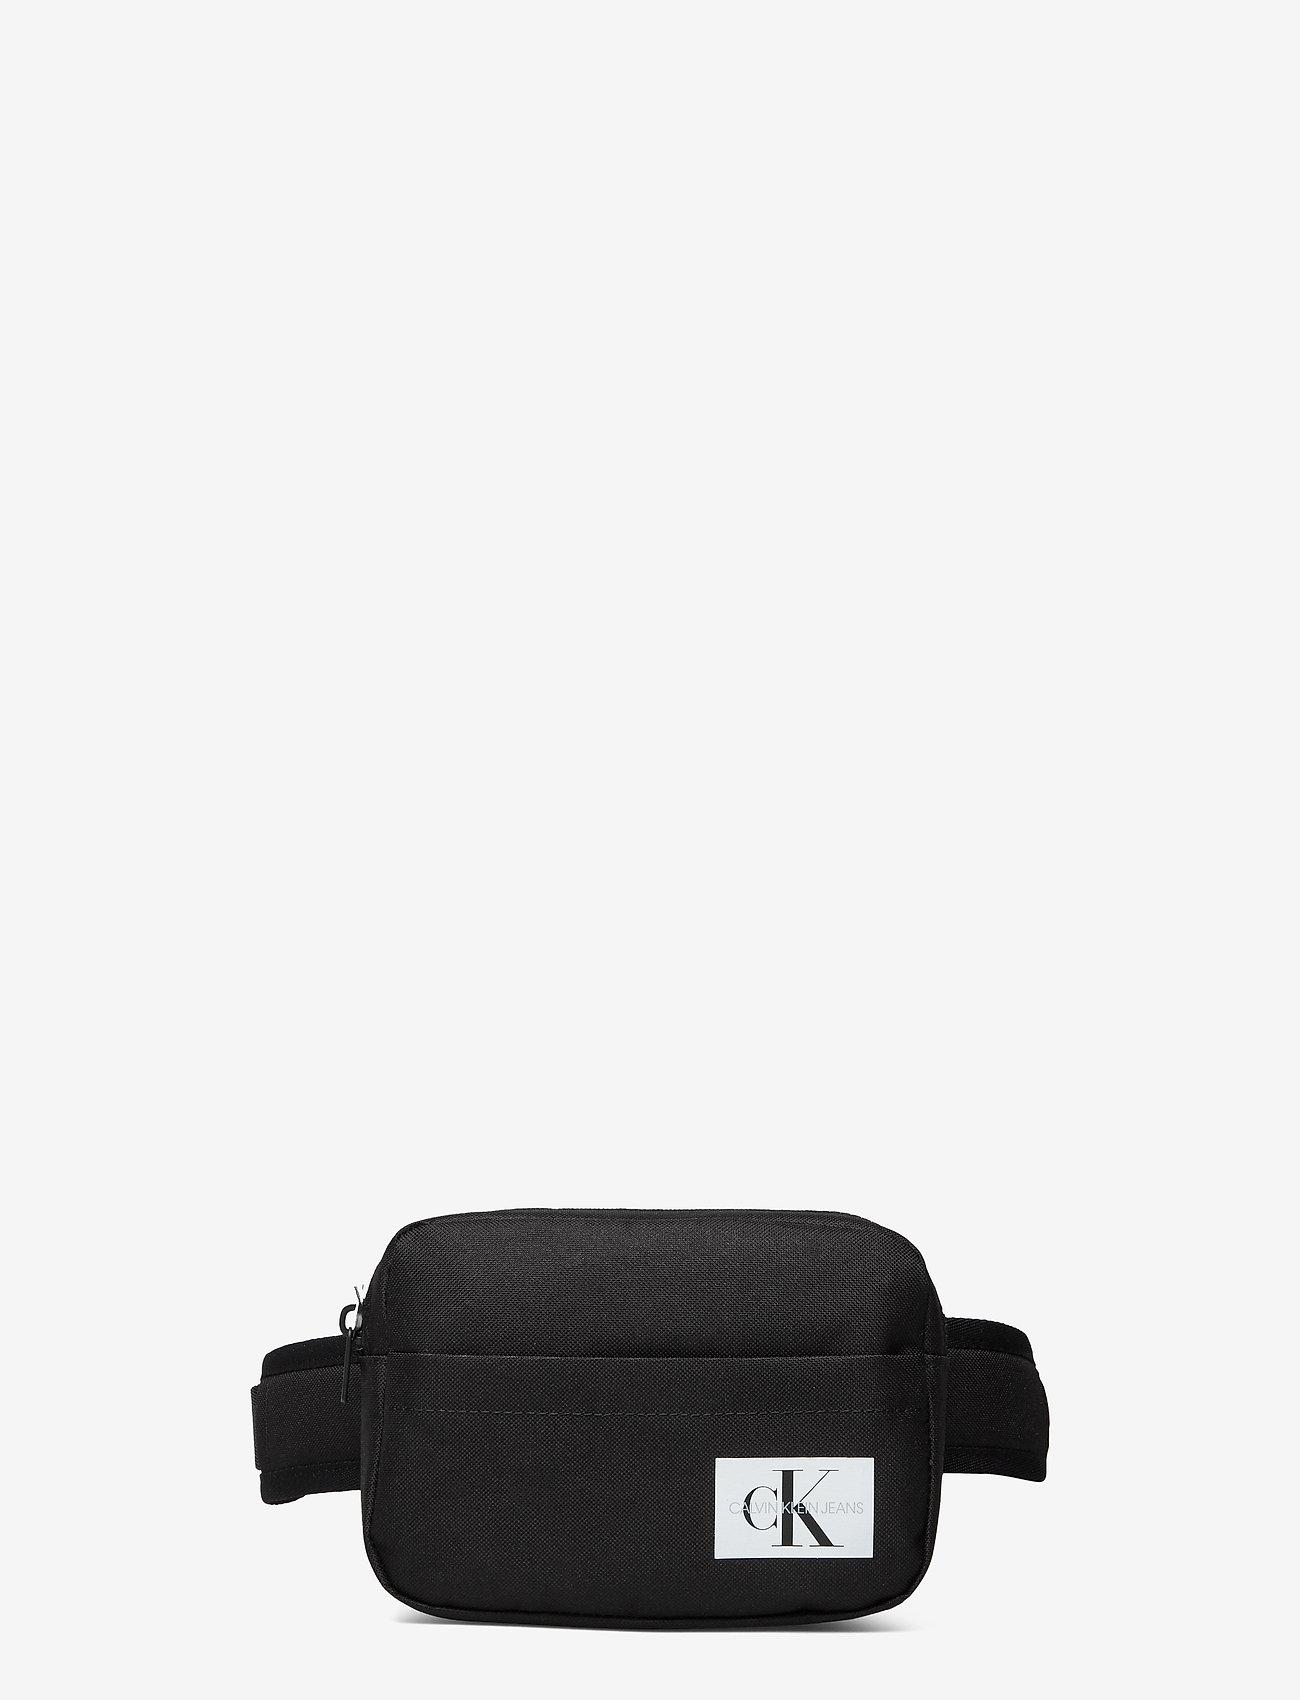 Calvin Klein - MONOGRAM BADGE WAISTBAG - tragetaschen & kleine taschen - ck black - 0